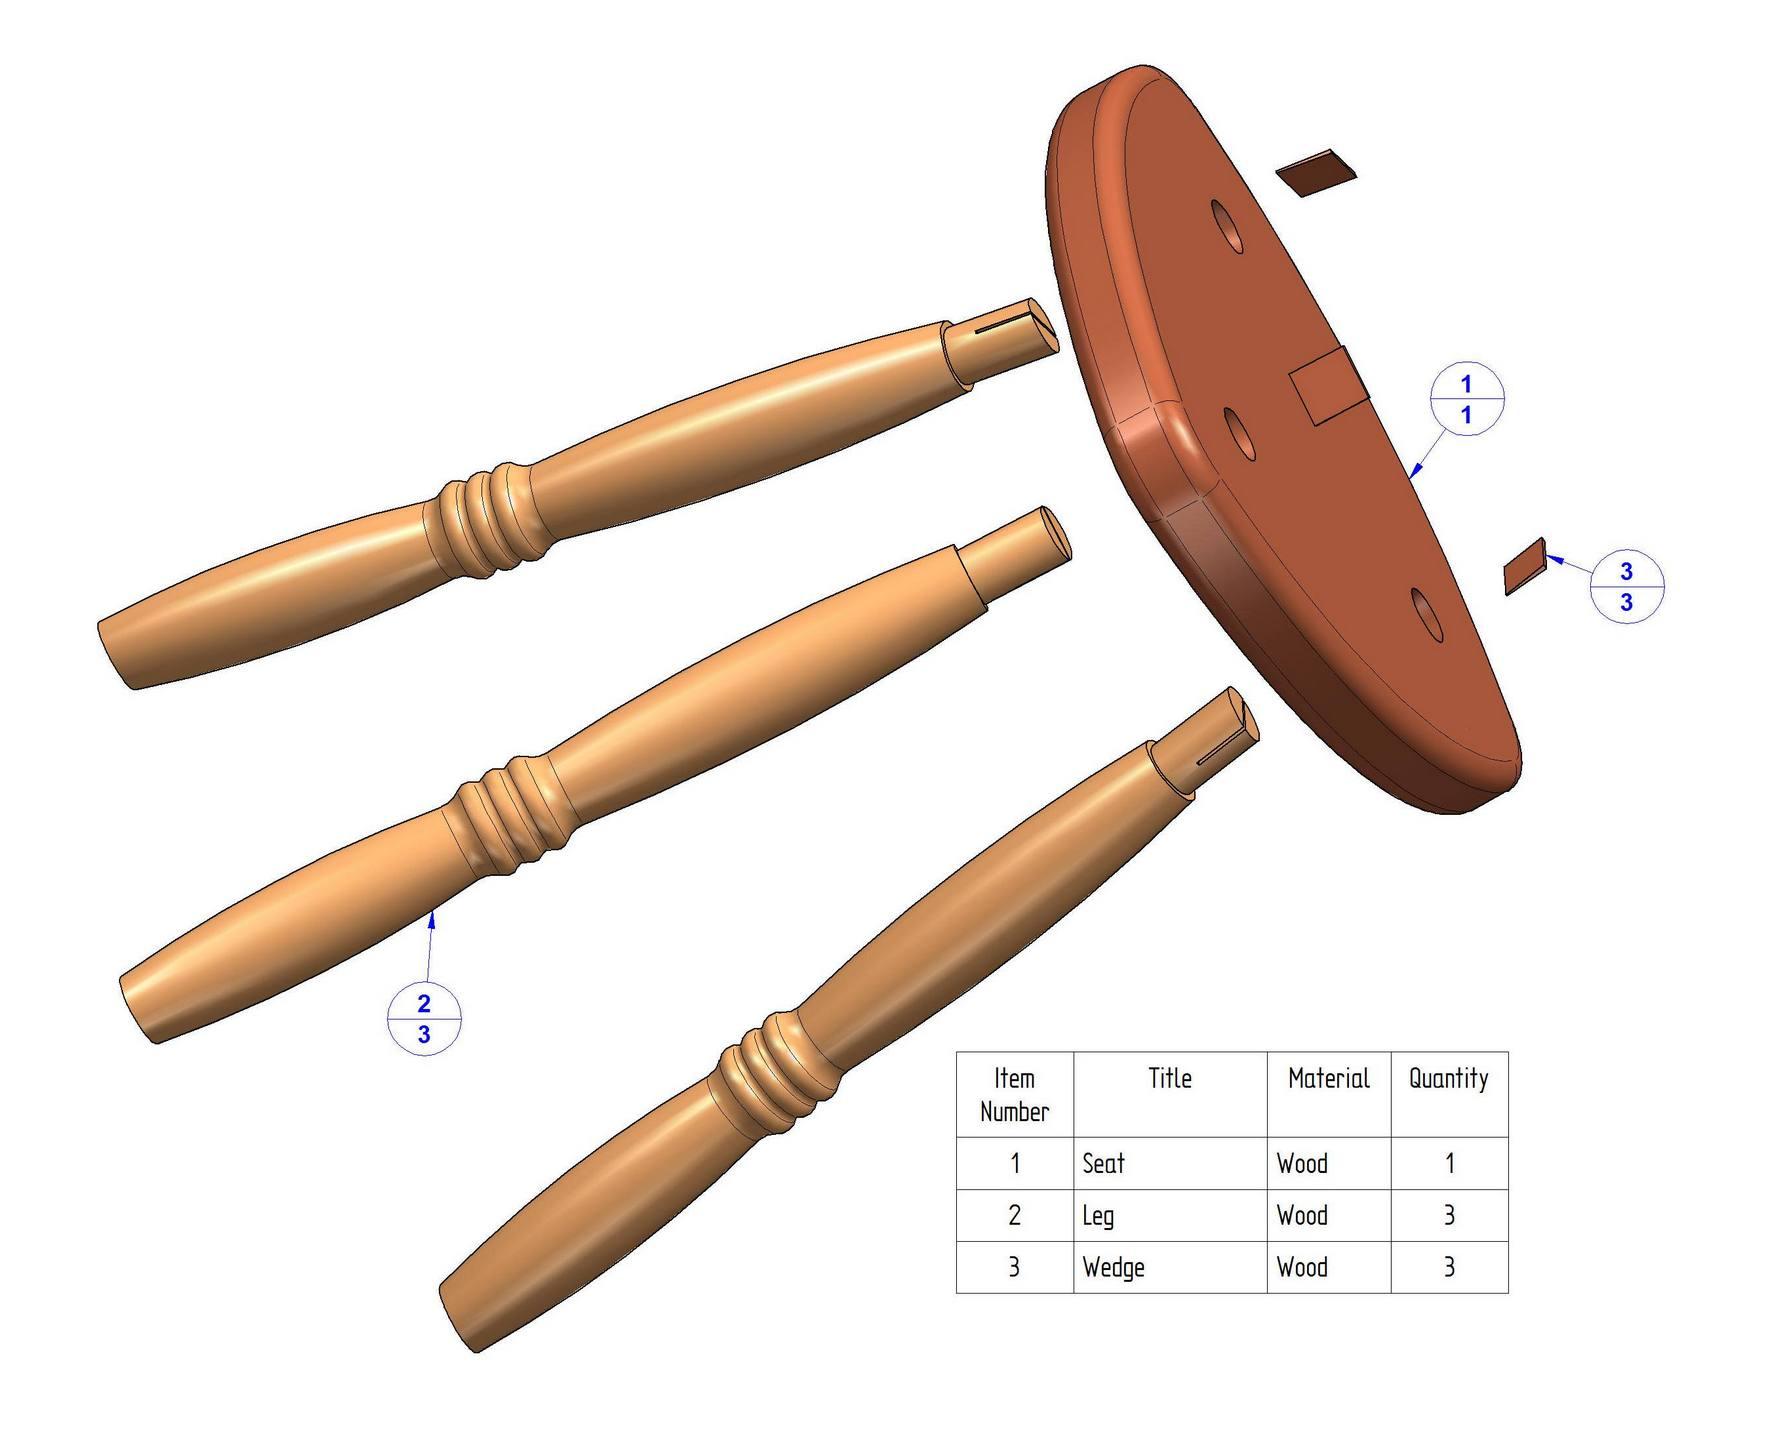 Tripod stool plan - Parts list